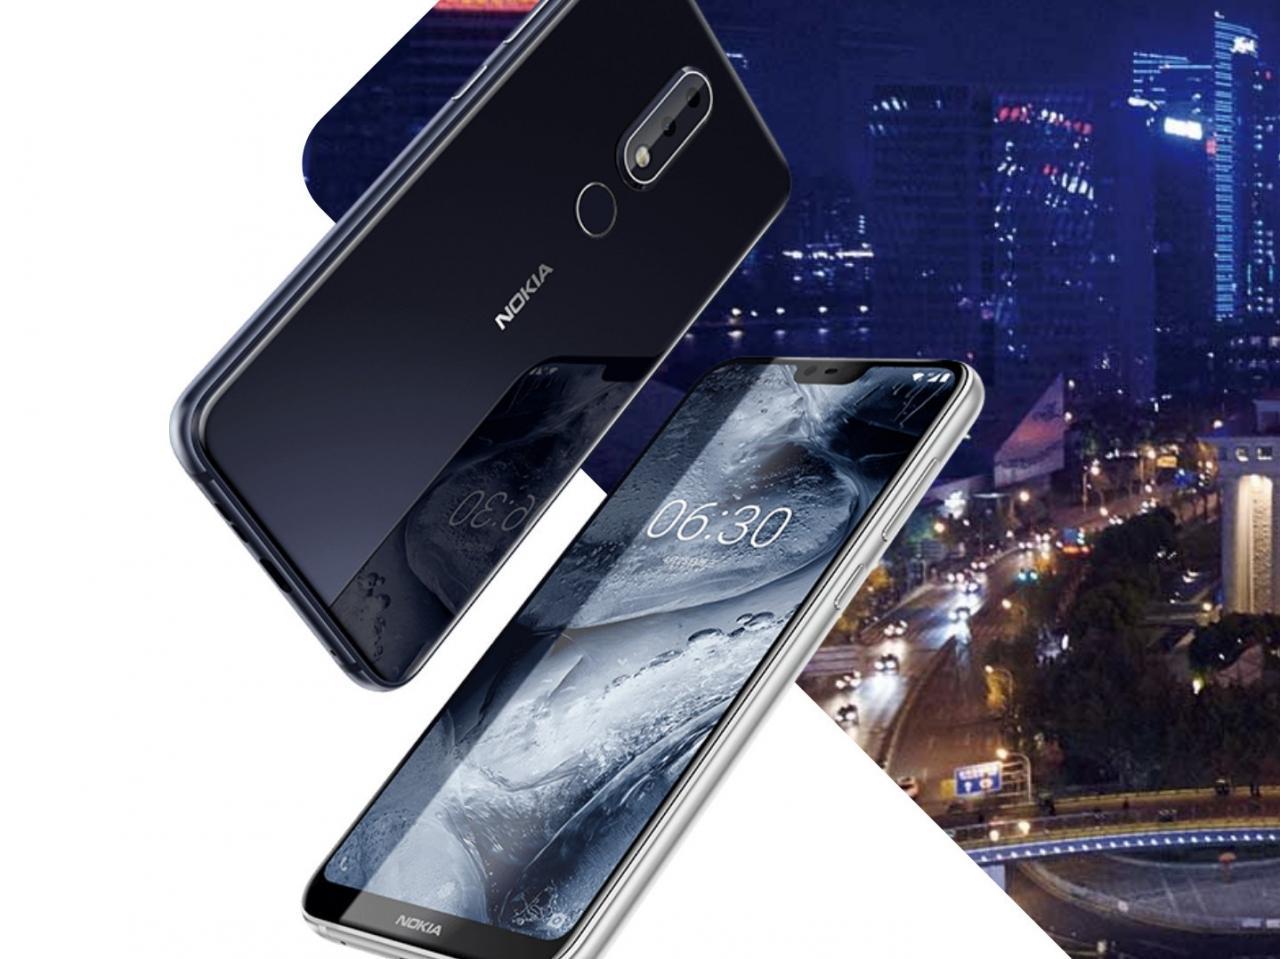 صورة احدث هواتف نوكيا , Nokia 4.2 الجديد من نوكيا تعرف عليه